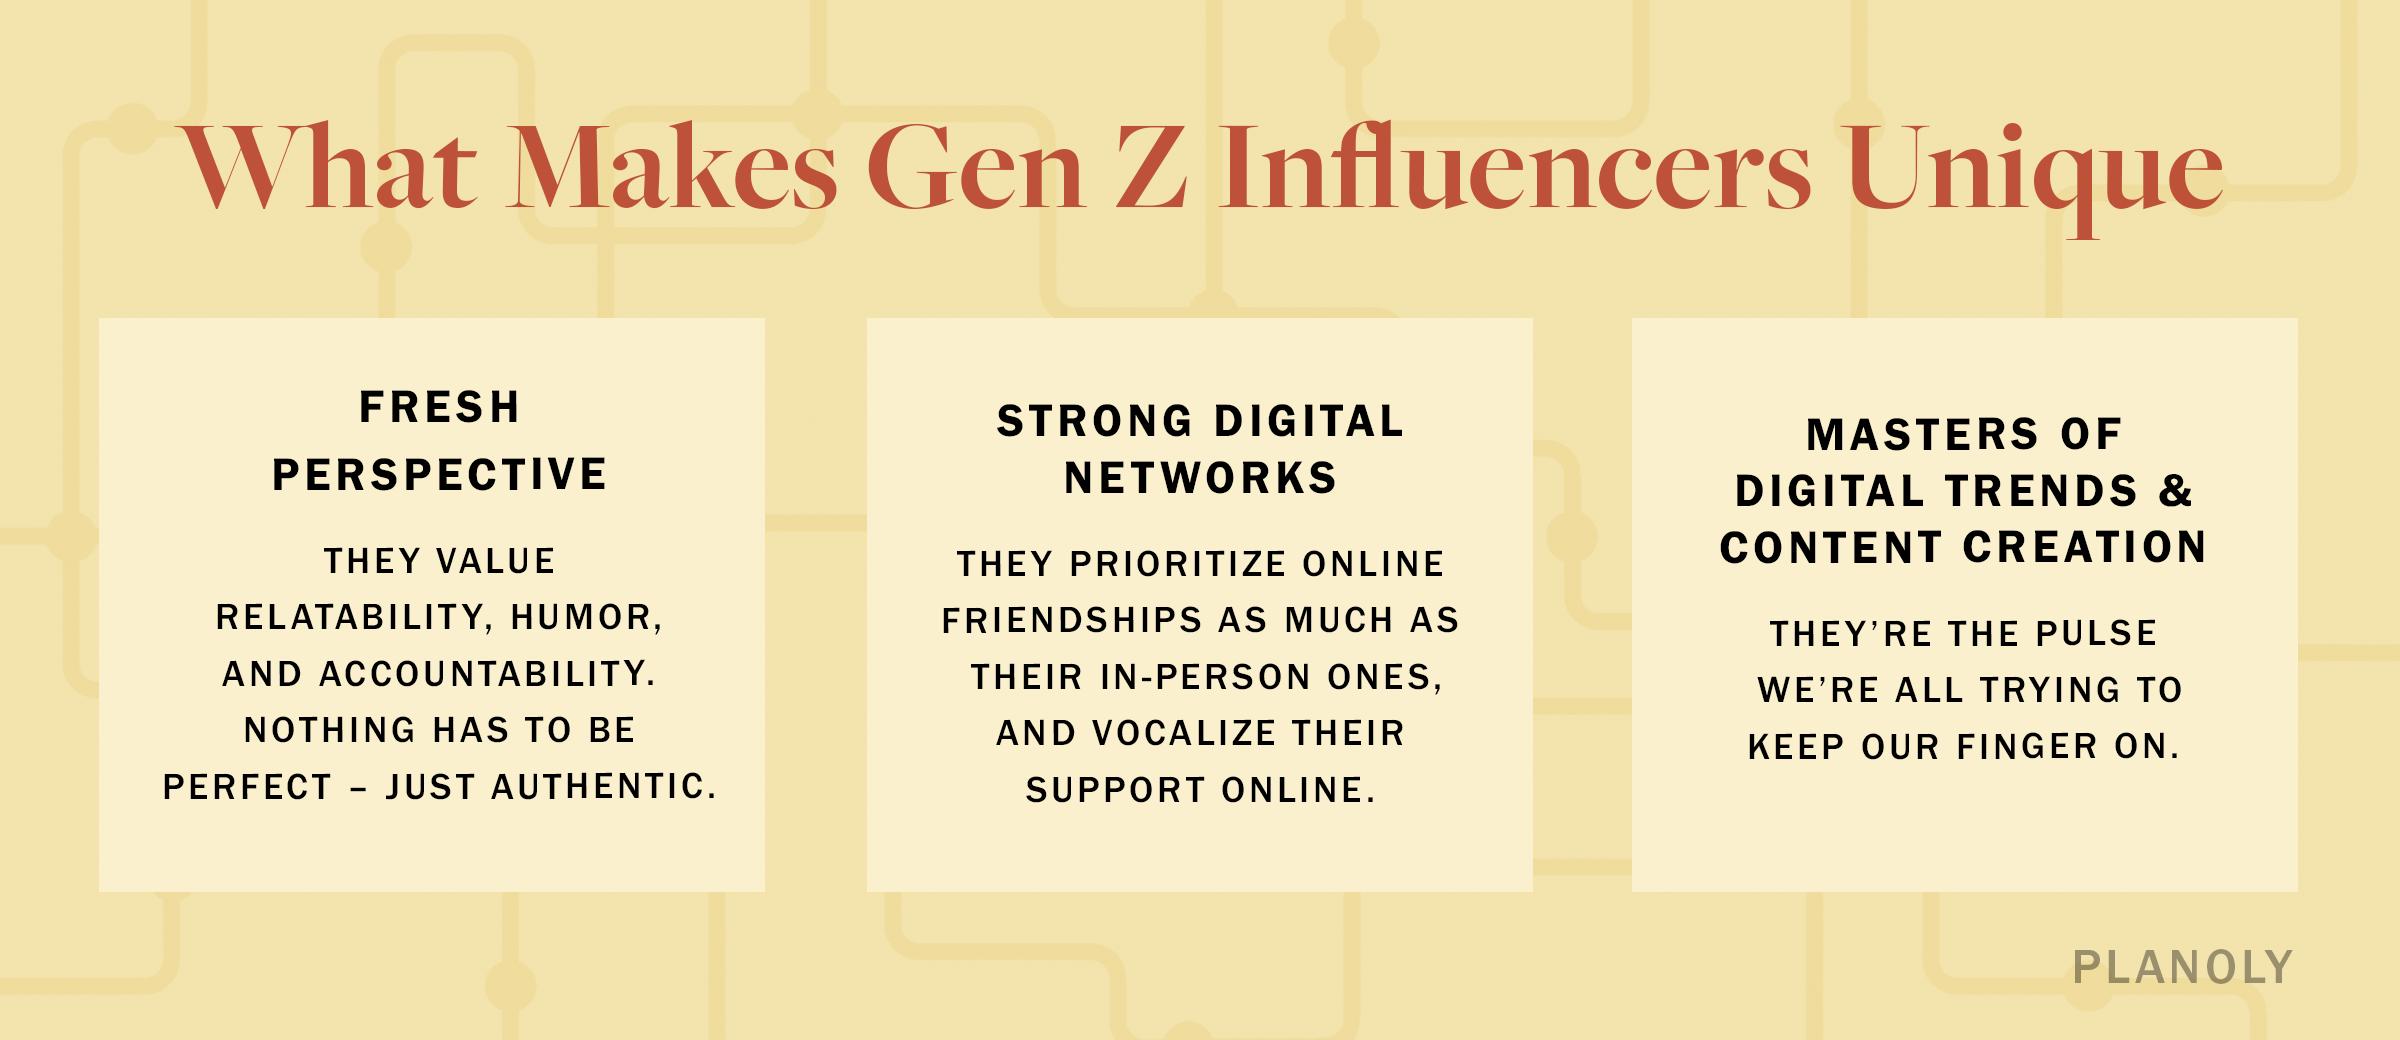 PLANOLY-Blog Post-Gen Z Influencers-Image 3